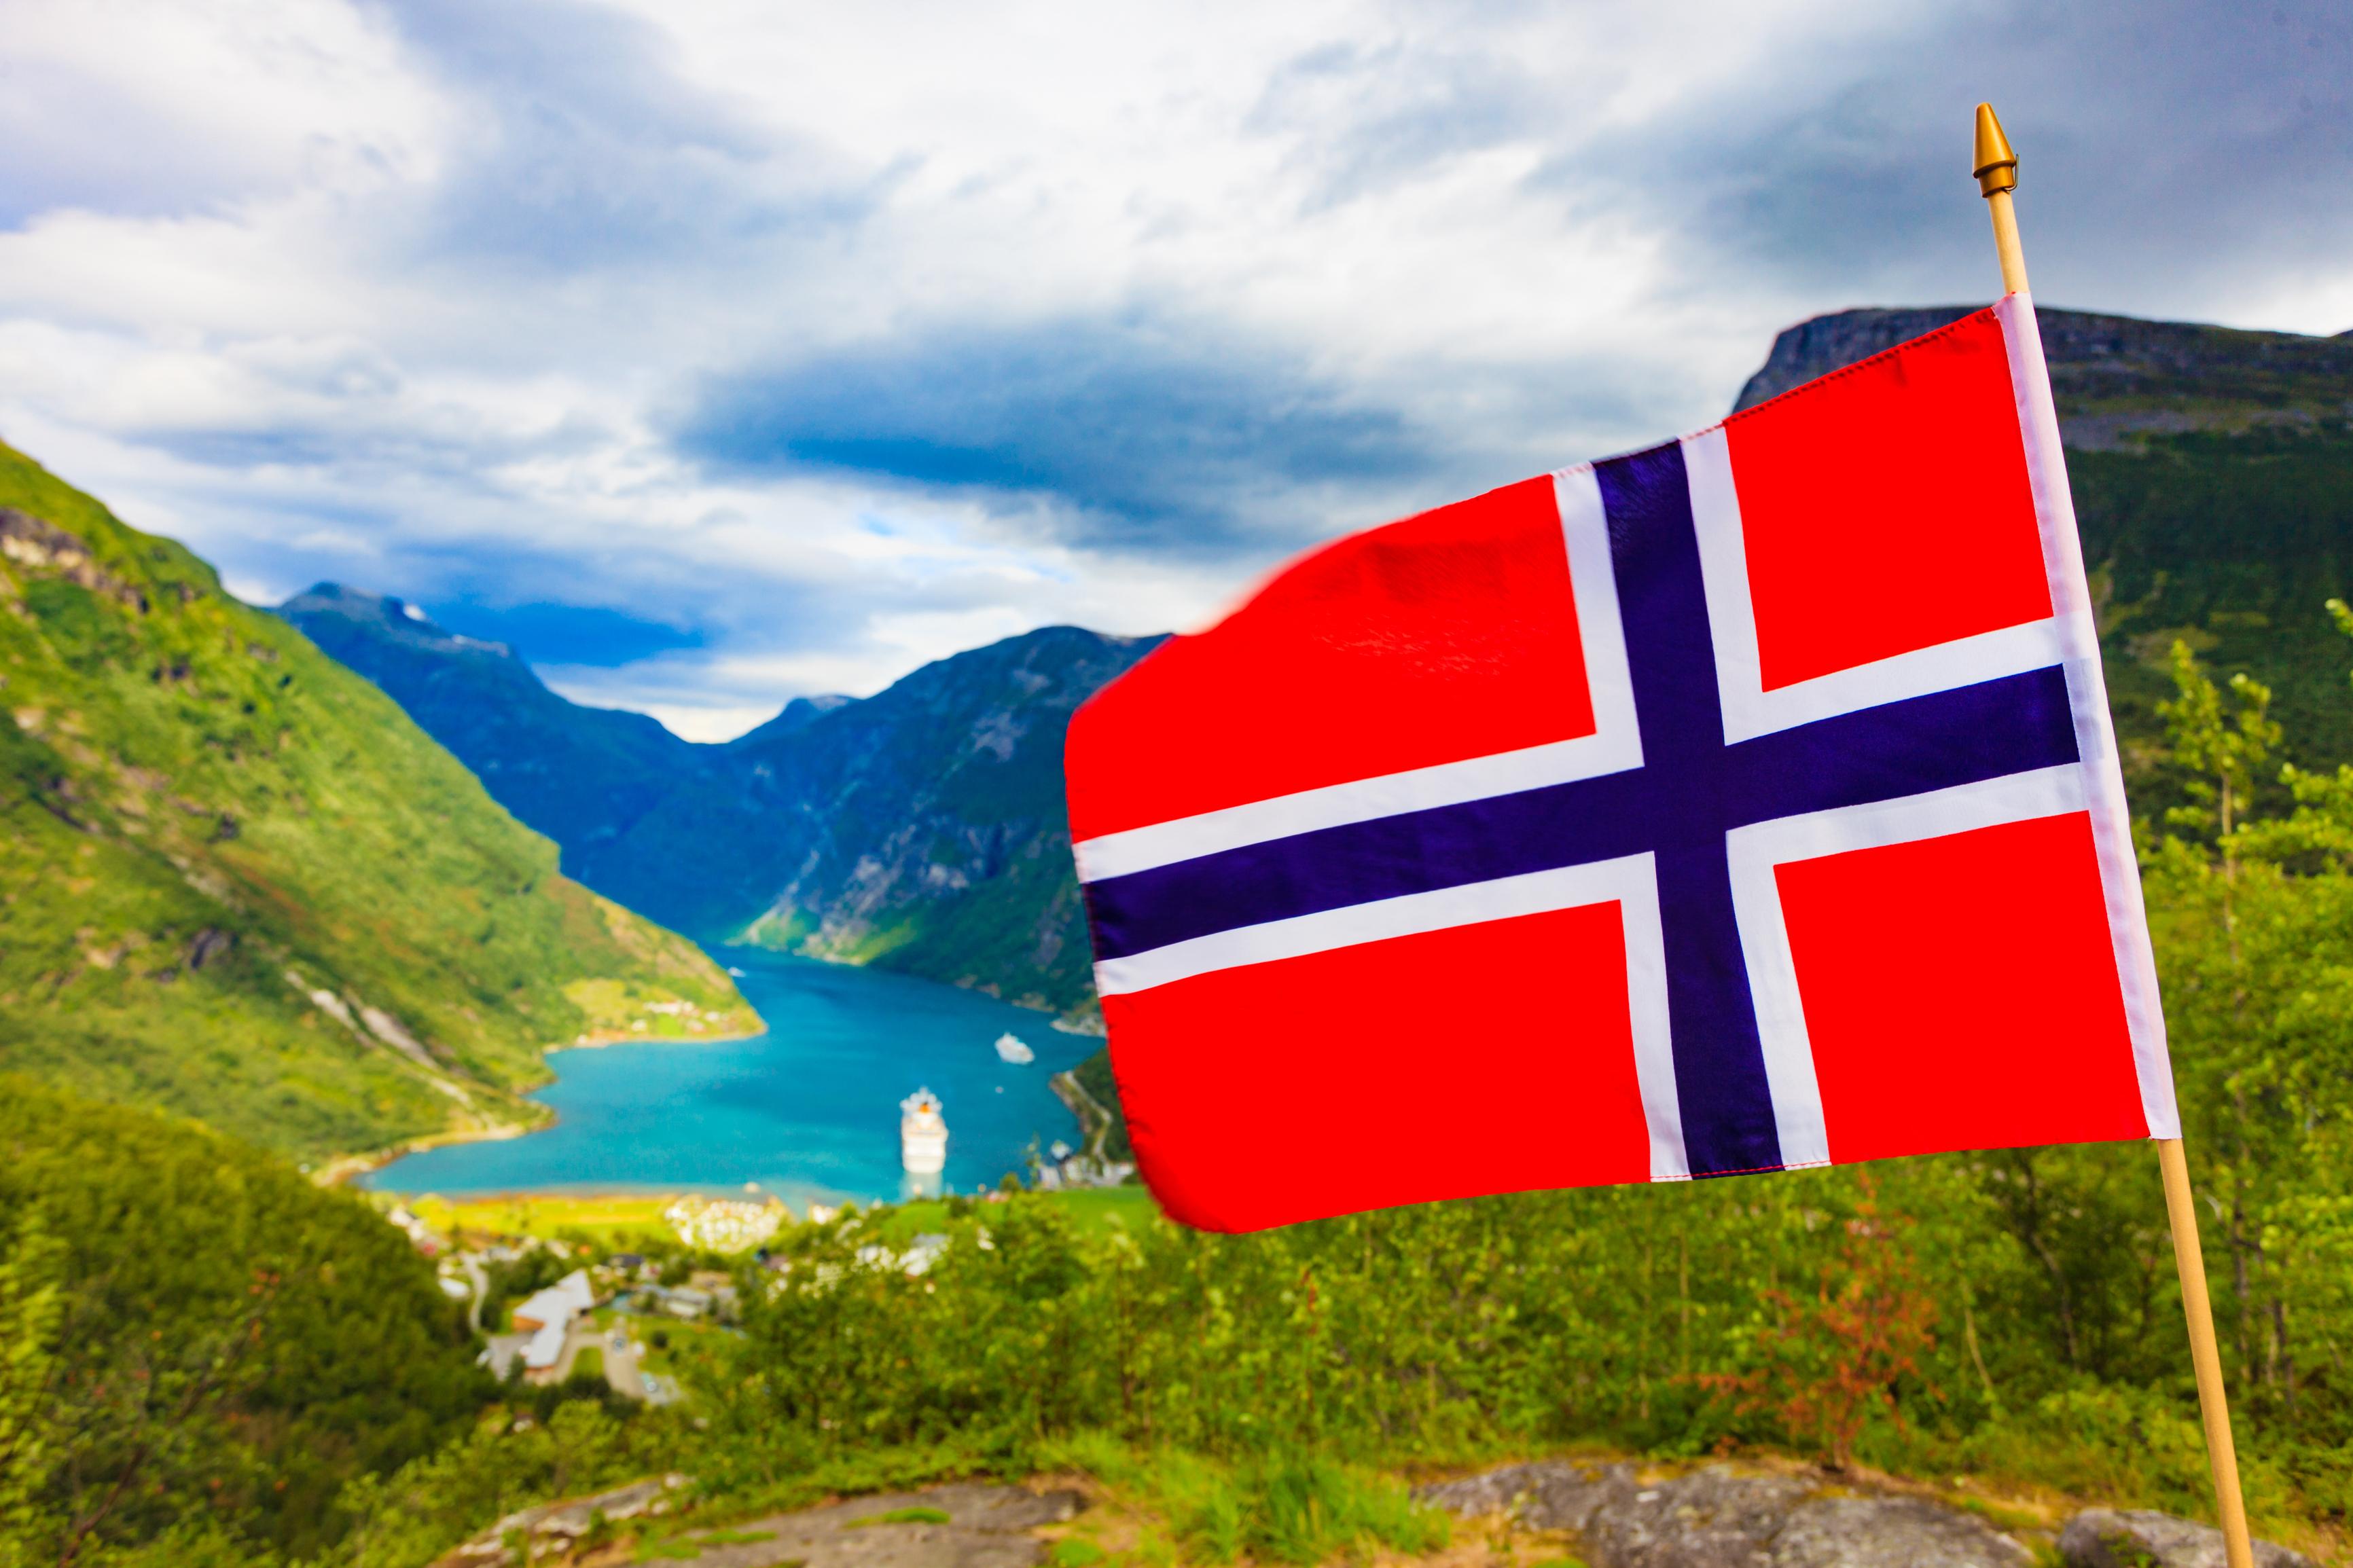 Флаг на фоне гор в Норвегии, ВНЖ которой могут получить россияне, украинцы и белорусы